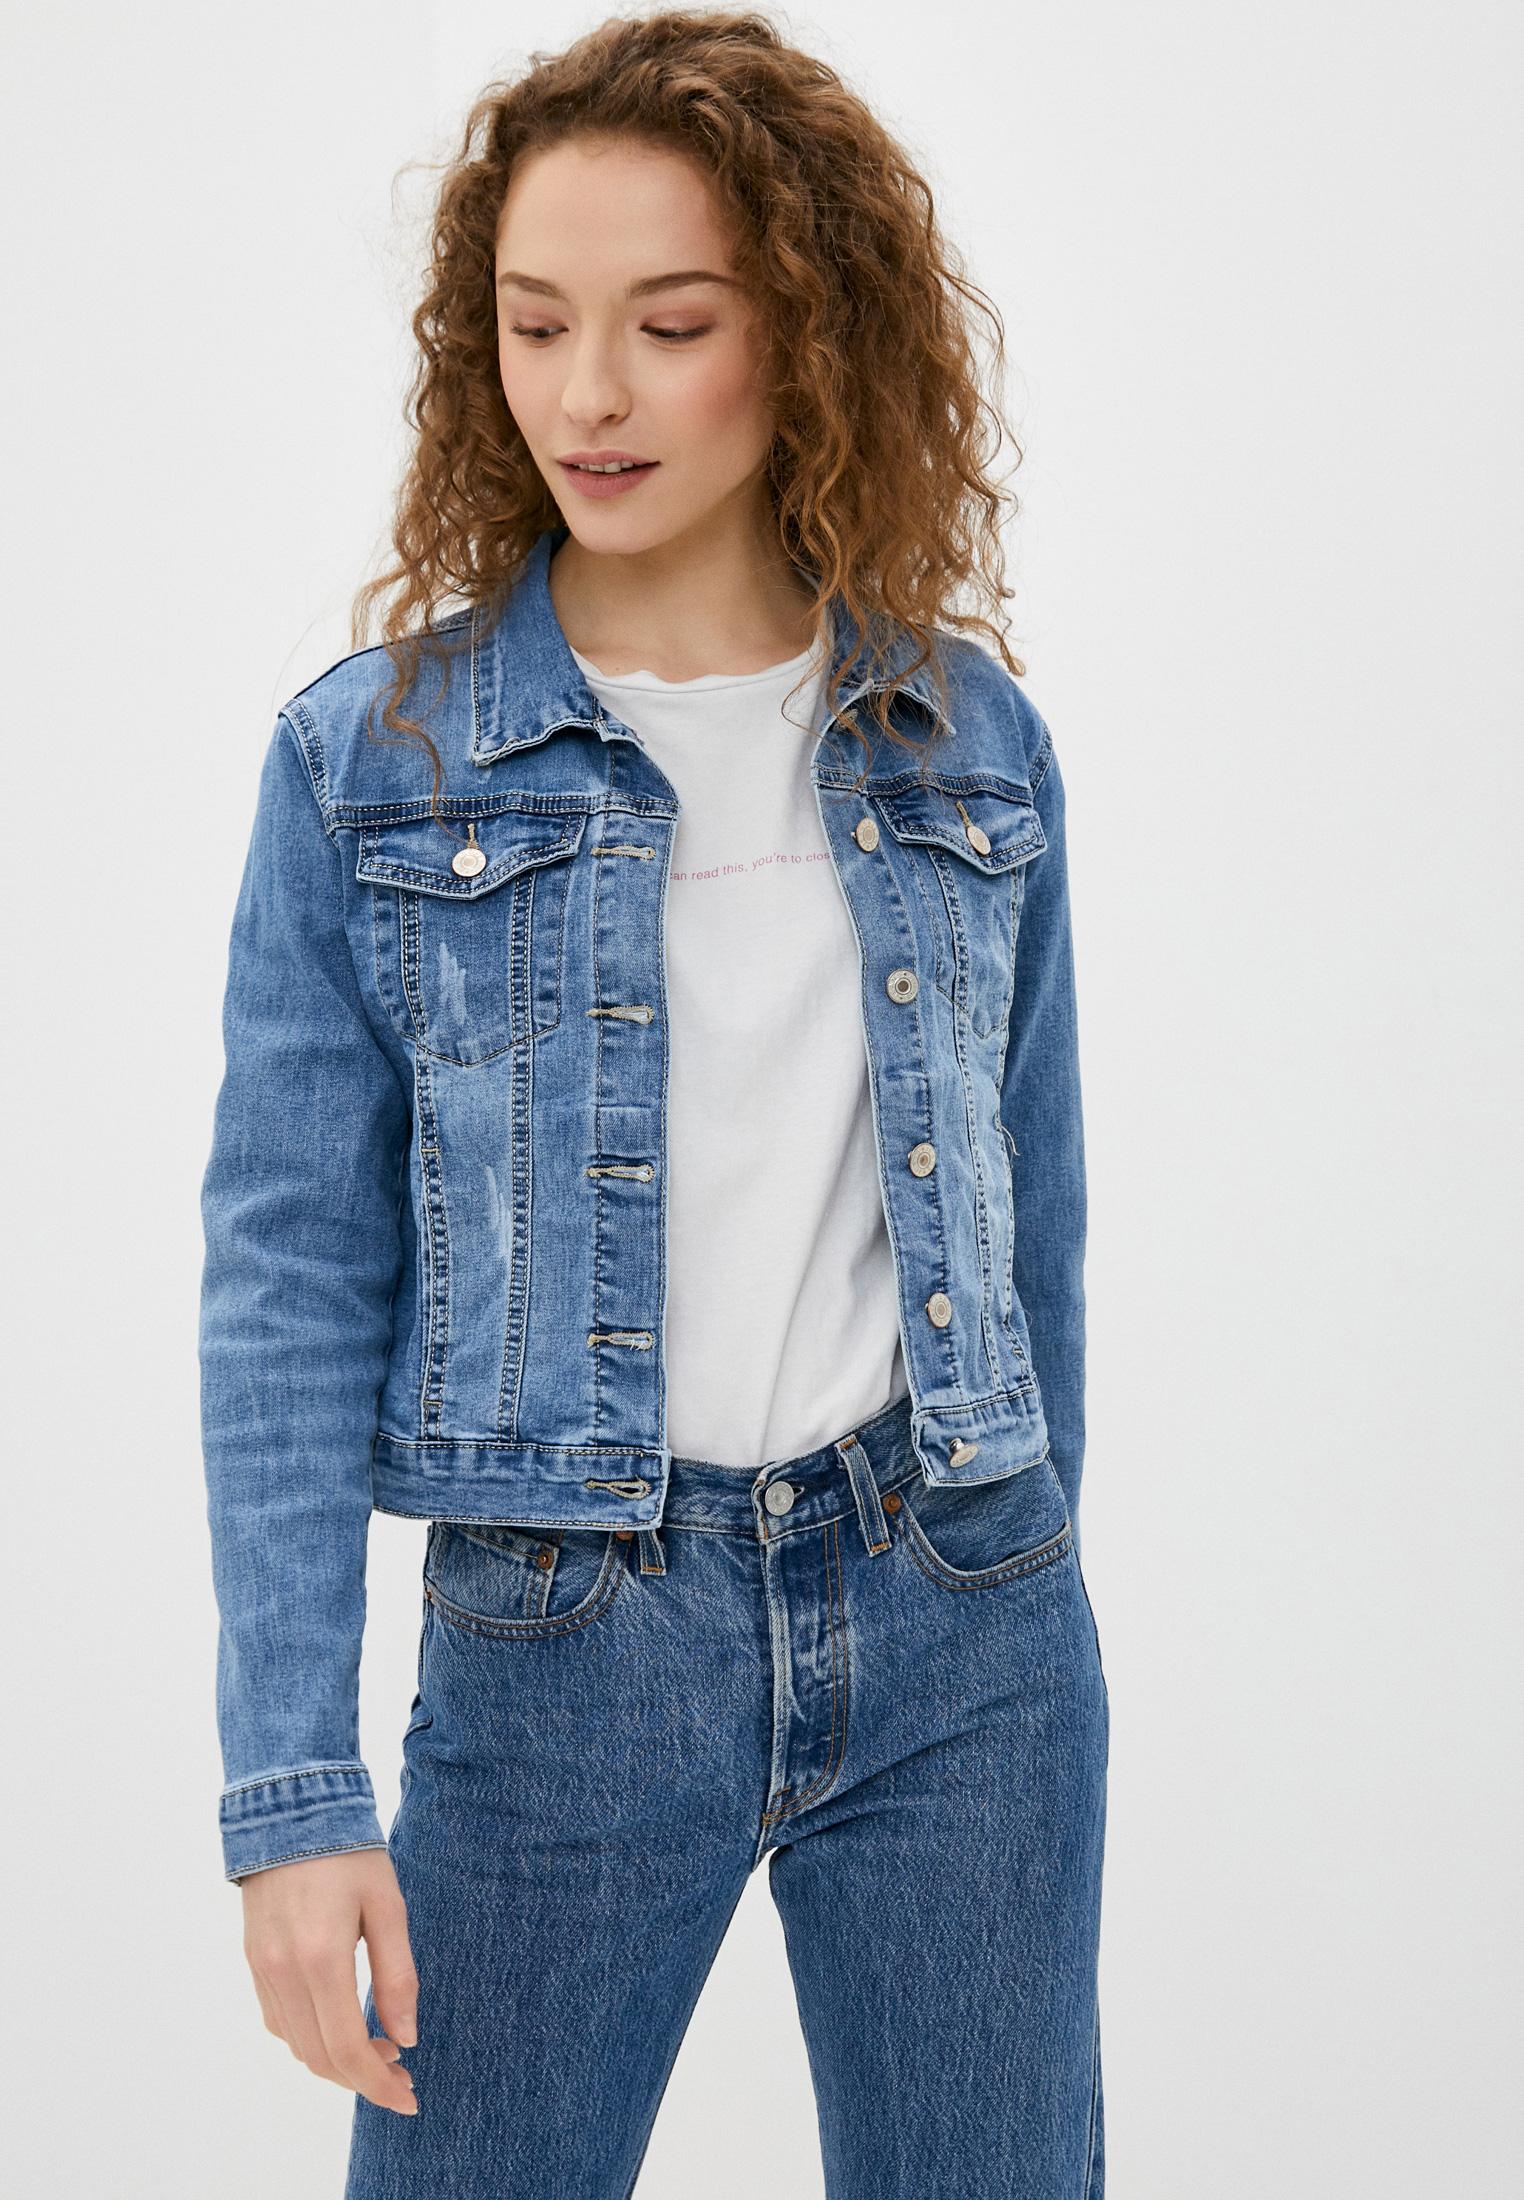 Джинсовая куртка Softy K20201-2